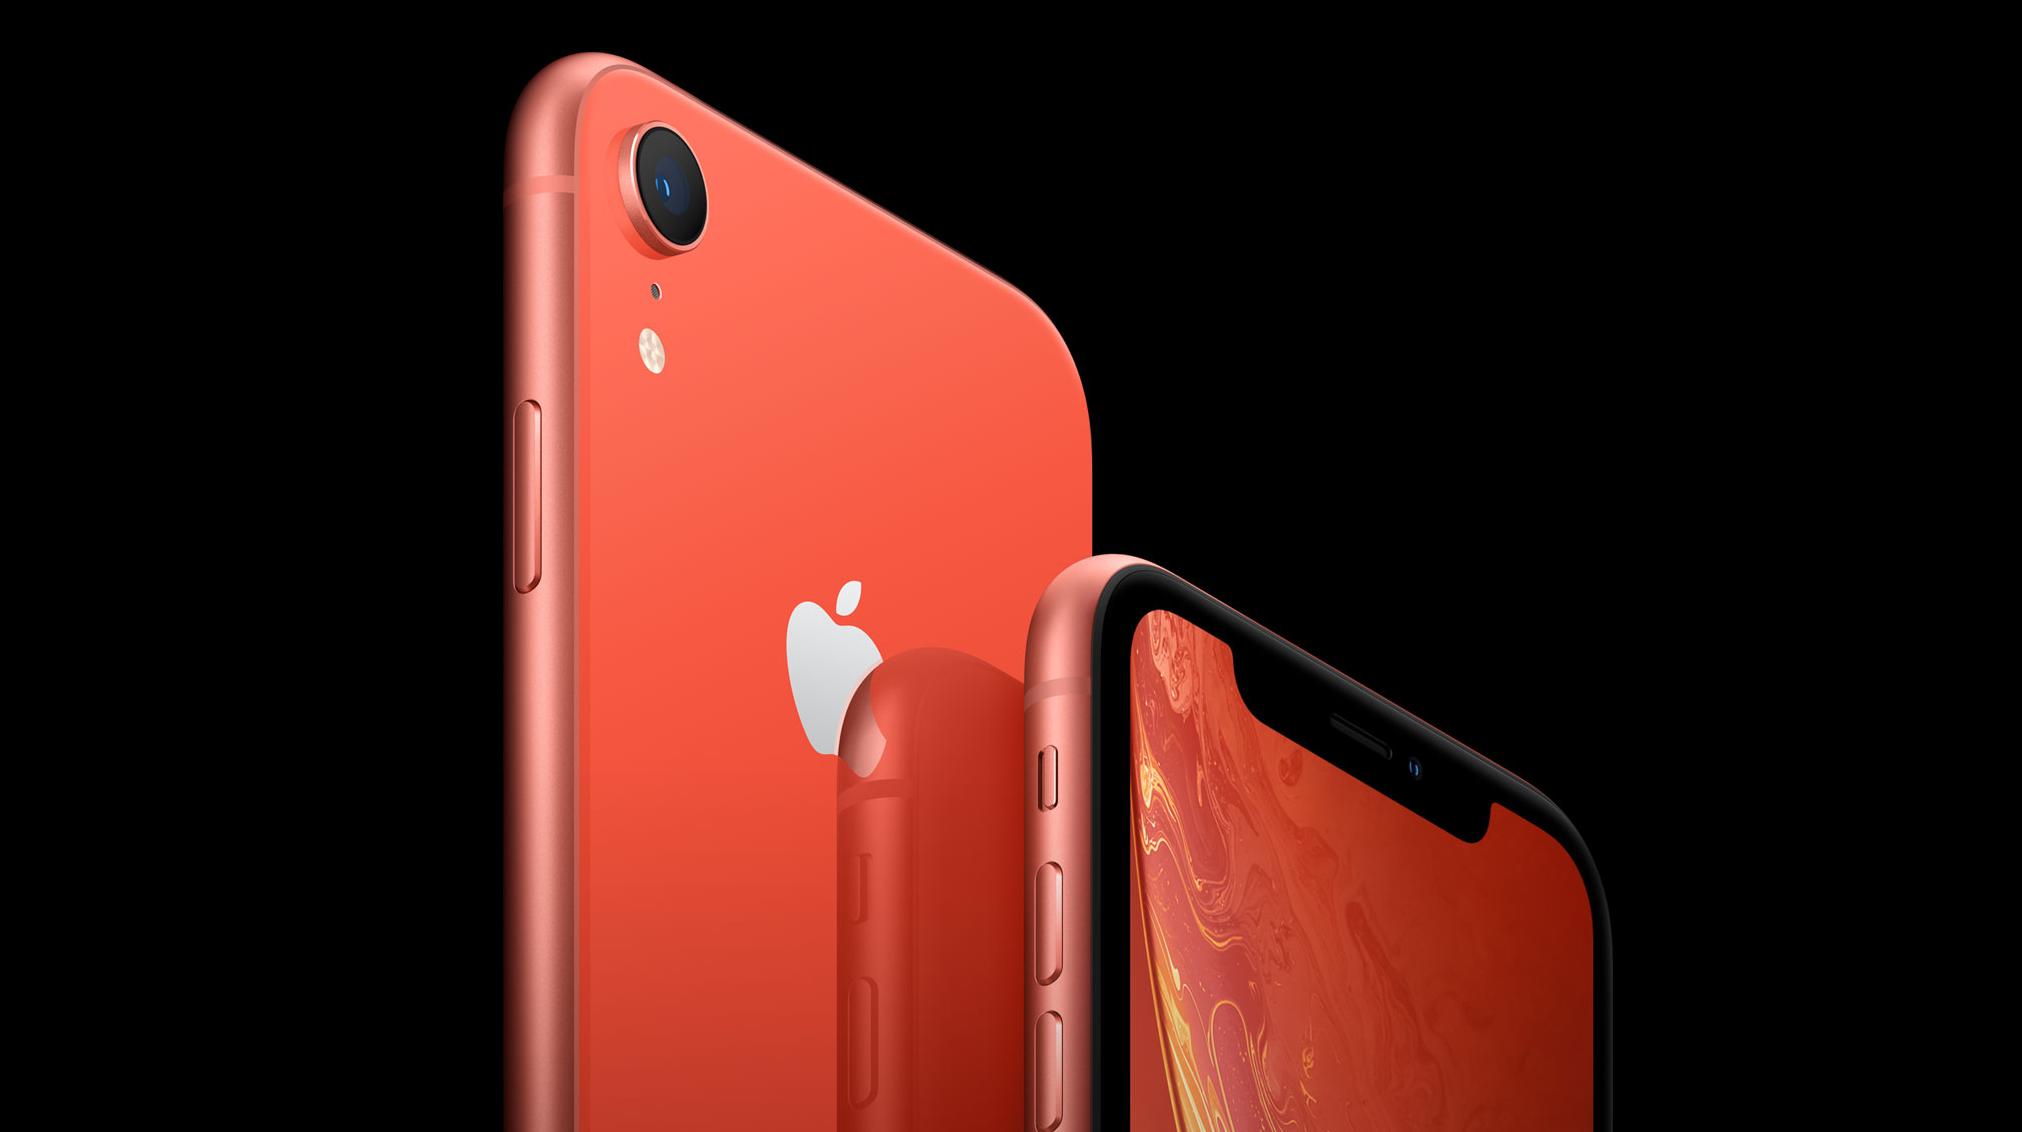 Les iPhone XR précommandés passent au statut expédié : prêts pour demain 1